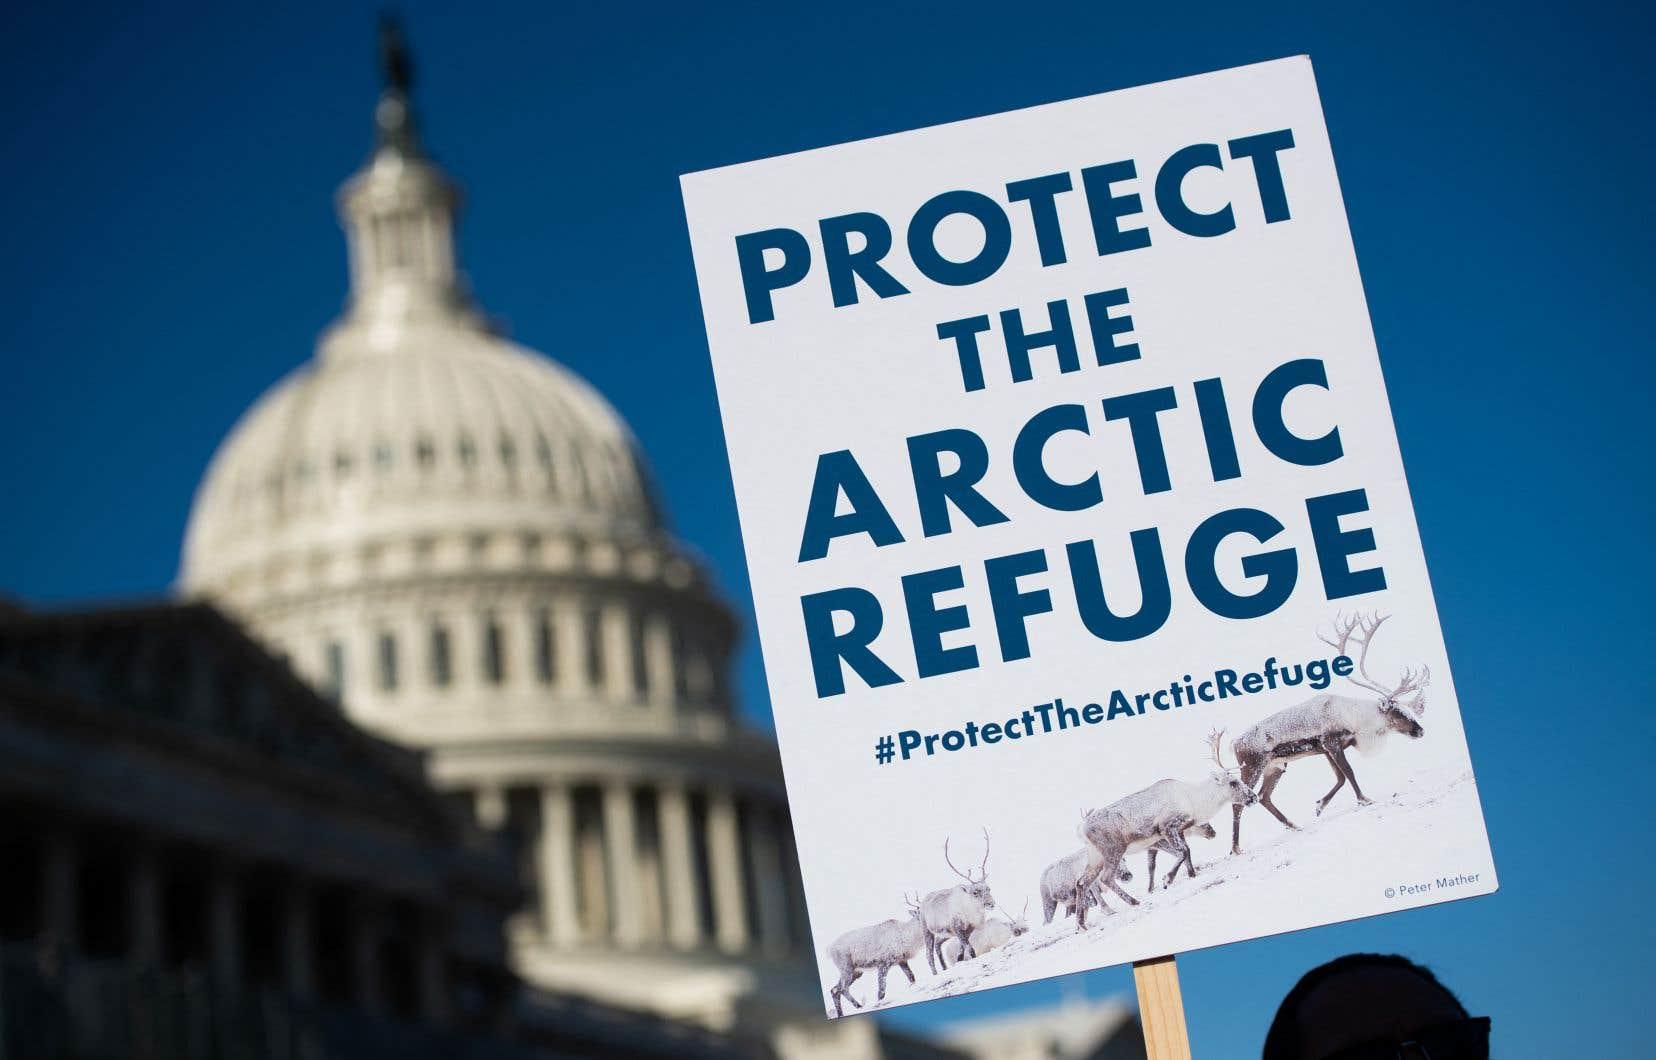 JoeBiden avait assuré lors de sa campagne présidentielle qu'il prendrait des mesures pour garantir de façon permanente la protection du refugenational de la faune arctique, en Alaska.